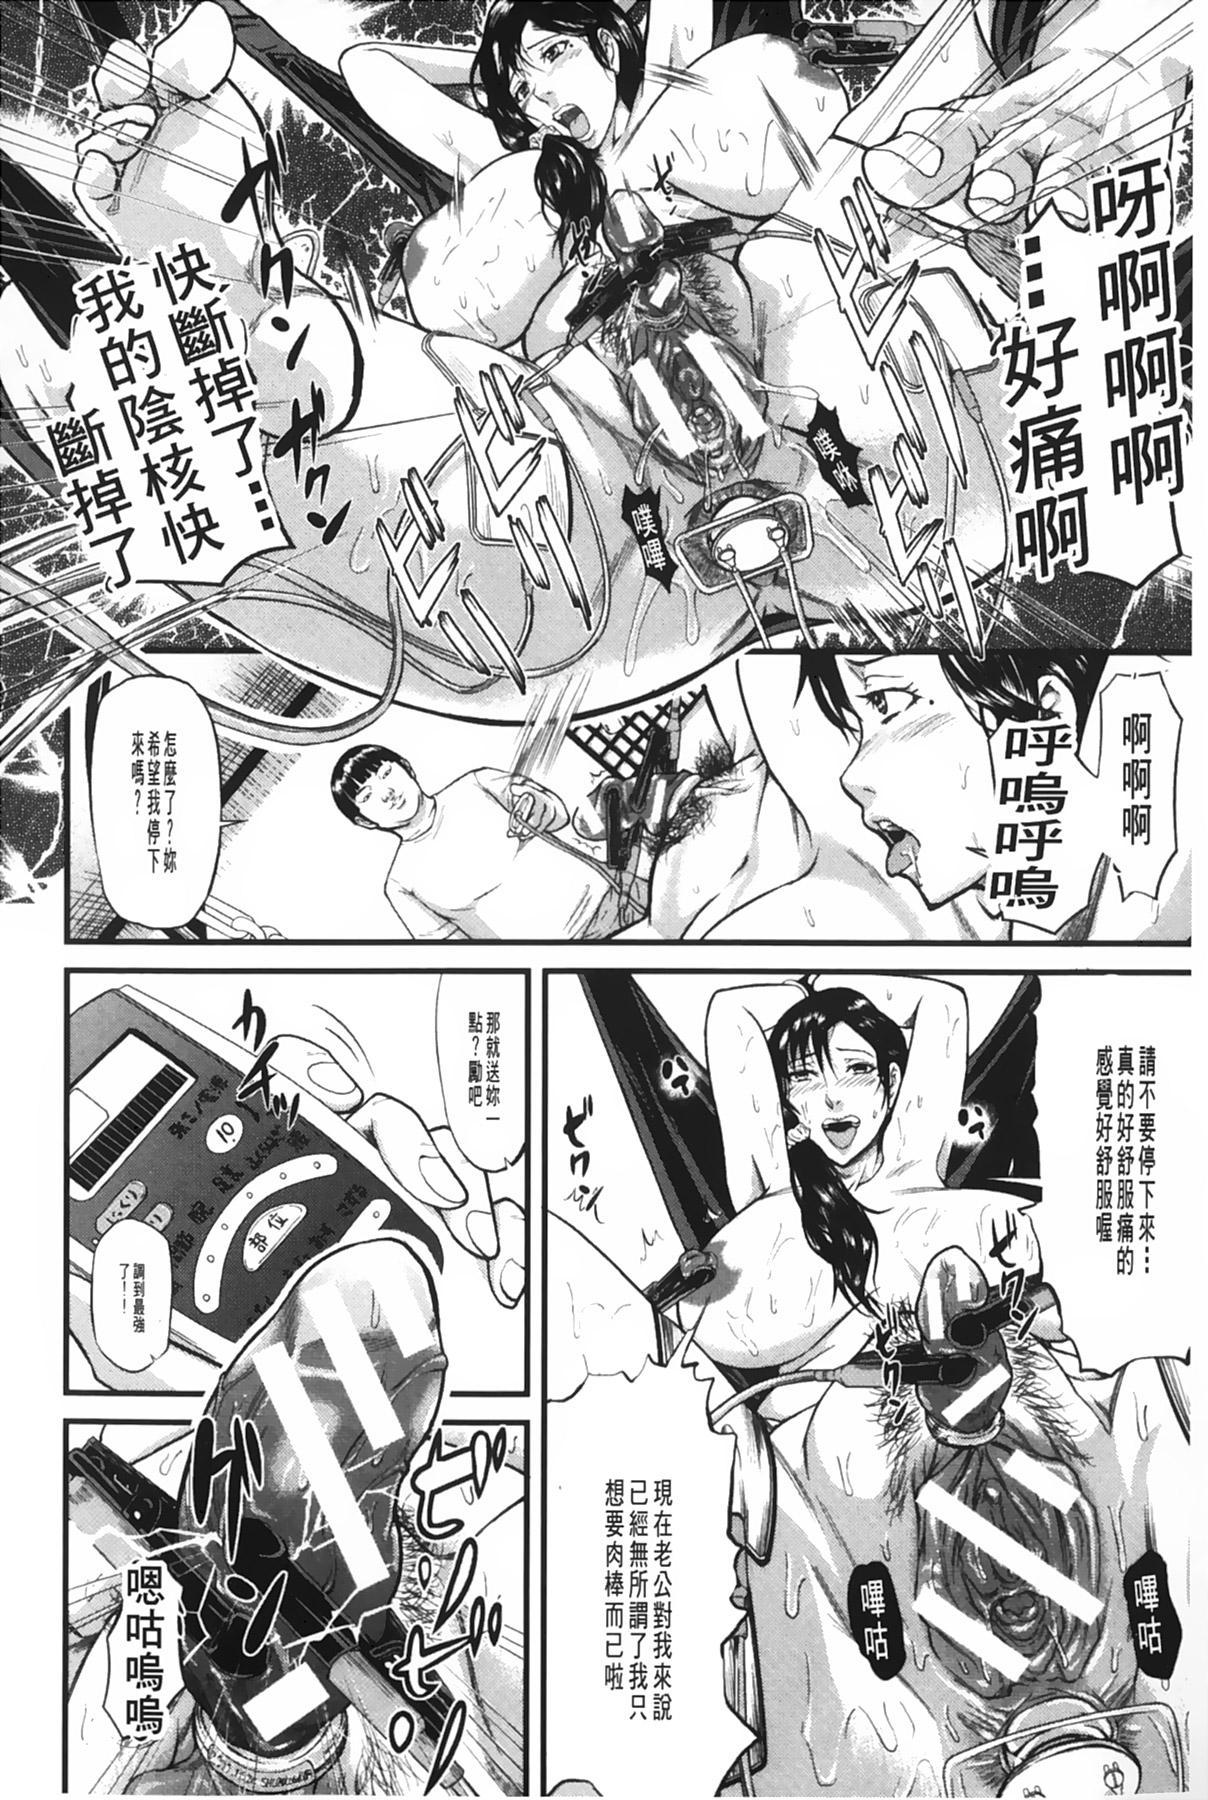 [Honebuto Danshaku] Onna Jigoku Niku no Tsubo~Hentai Rui Inran Ka Mesu Buta Ichidaiki~ | 女地獄、肉之壺 ~変態類淫乱科淫母豬一代記~ [Chinese] 8